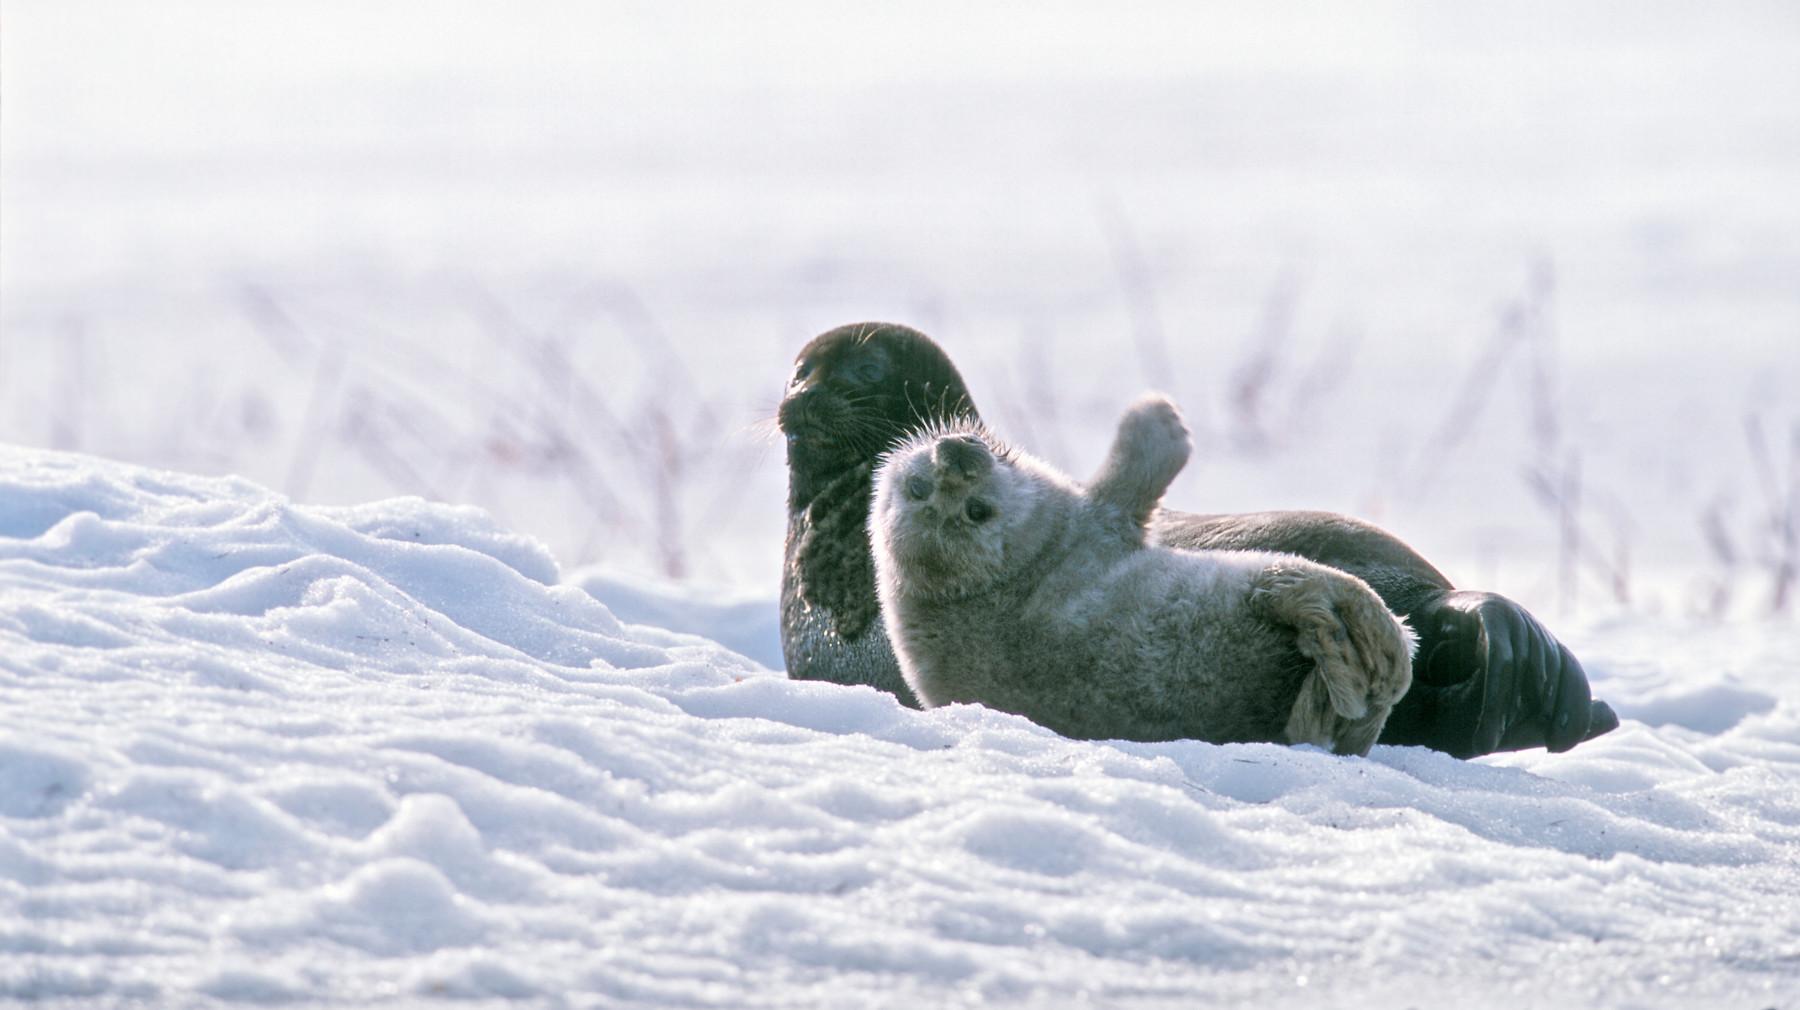 فقمة سايما الحلقية الأم وجروها أثناء التشمس ببعض شمس الشتاء.